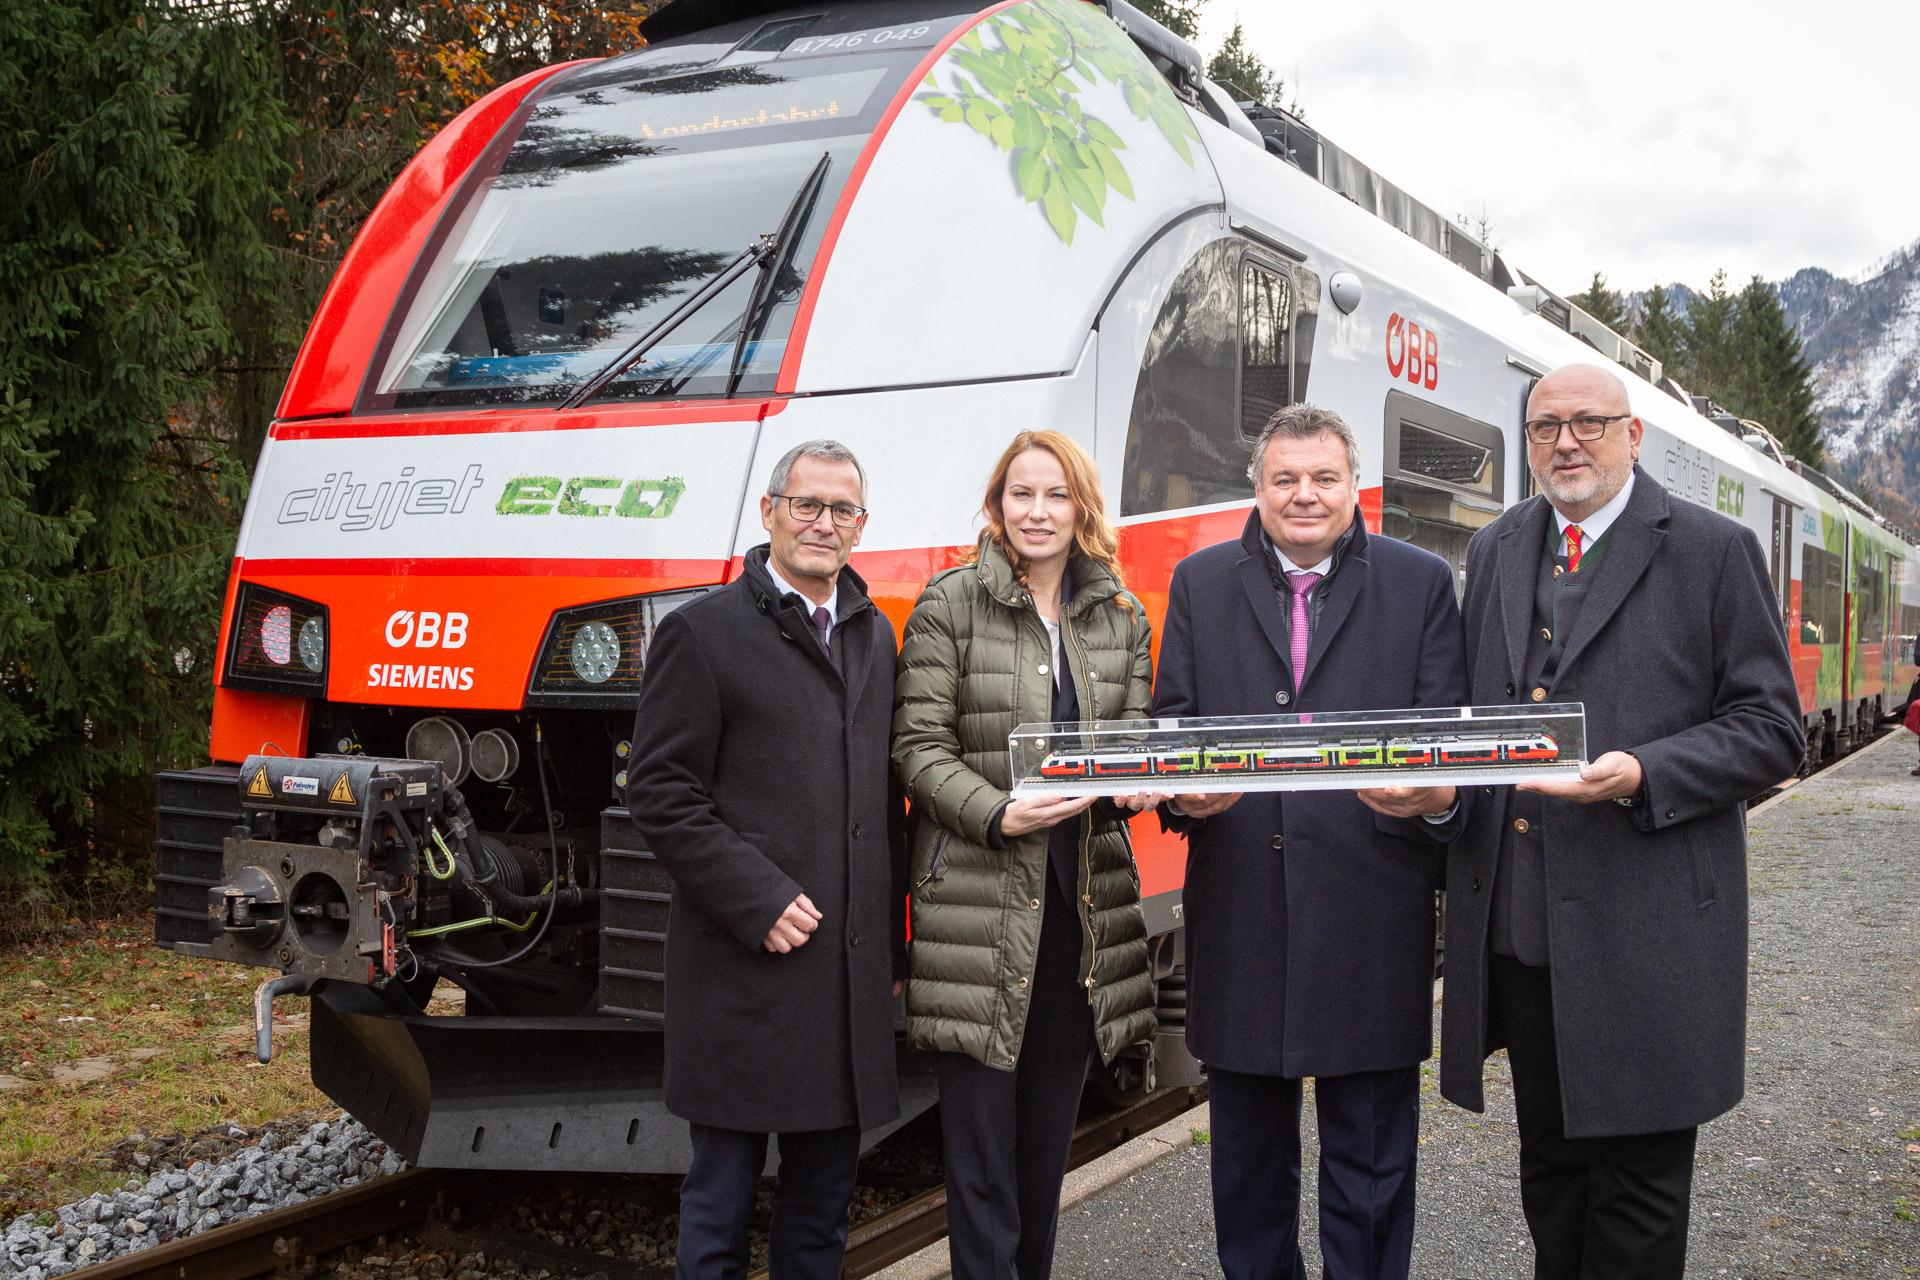 OEBB Cityjet Eco by Siemens Mobility